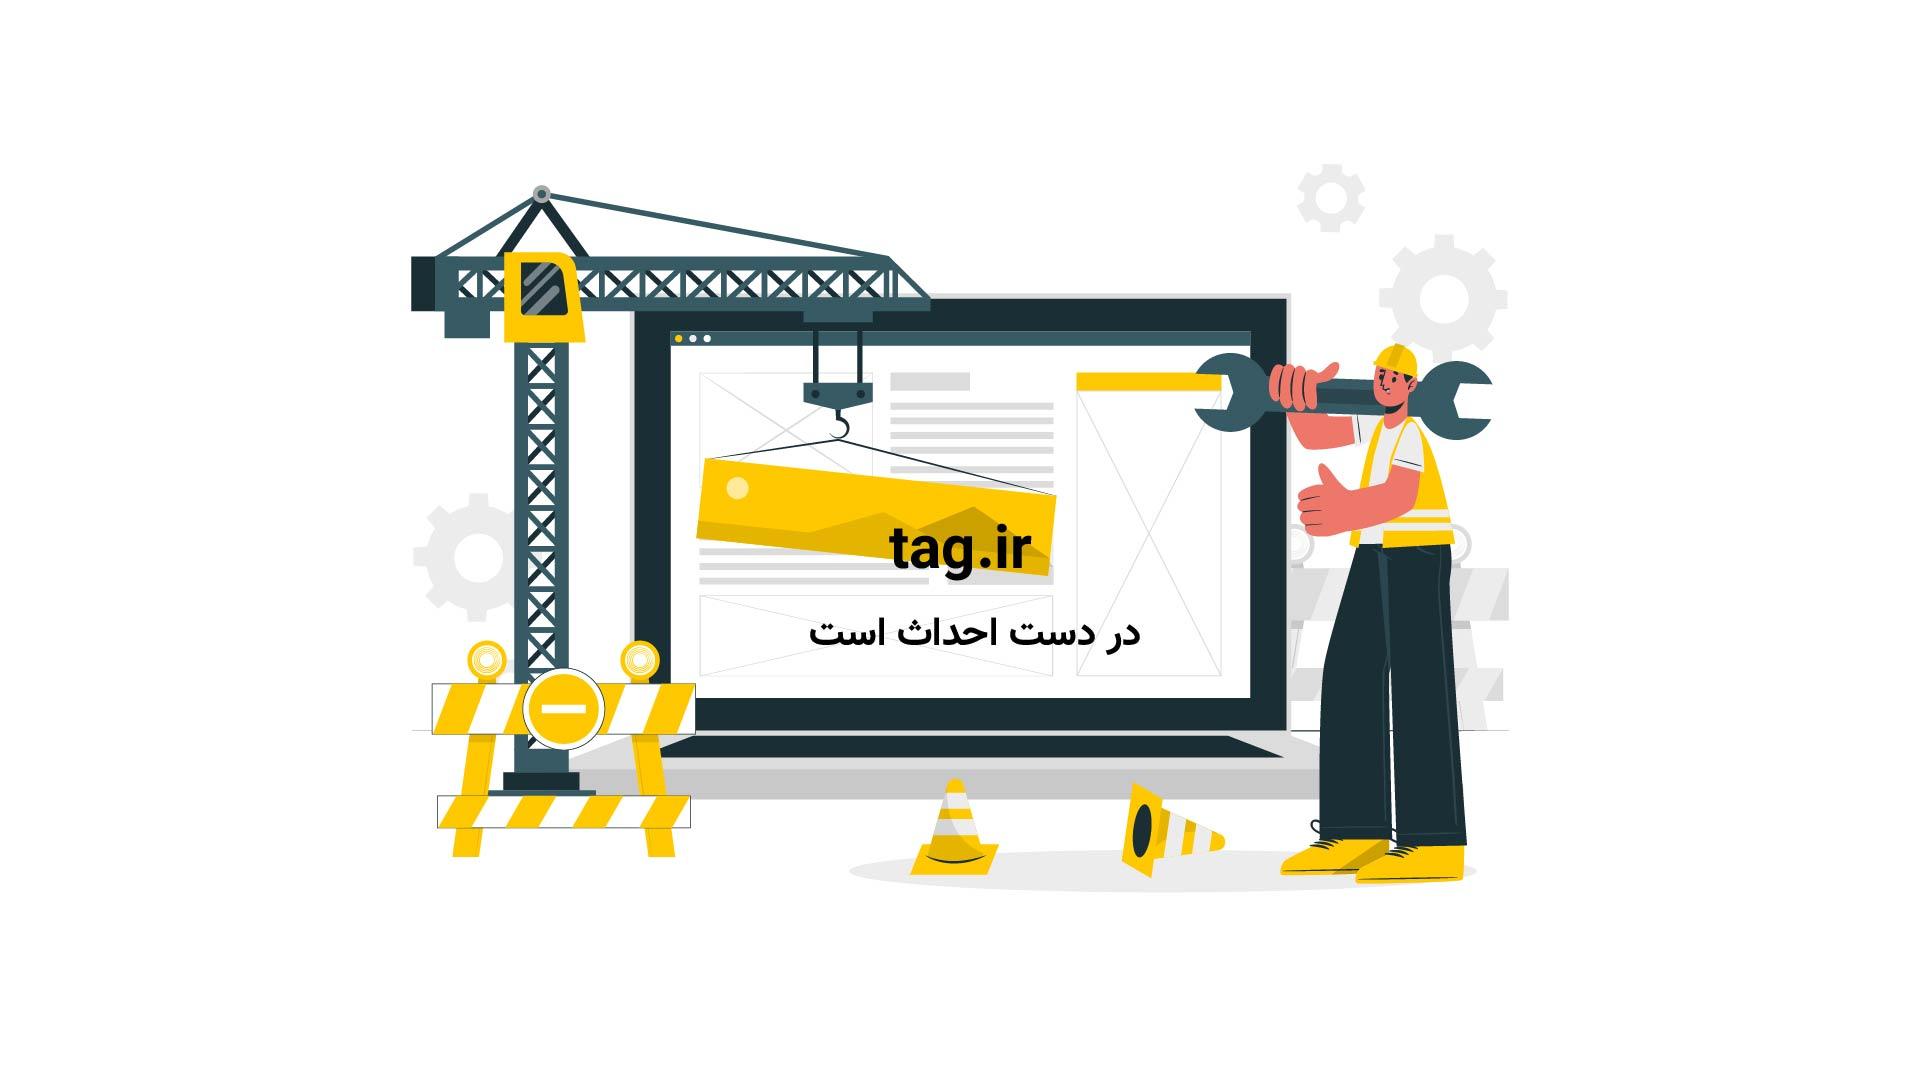 فشار خون | تگ